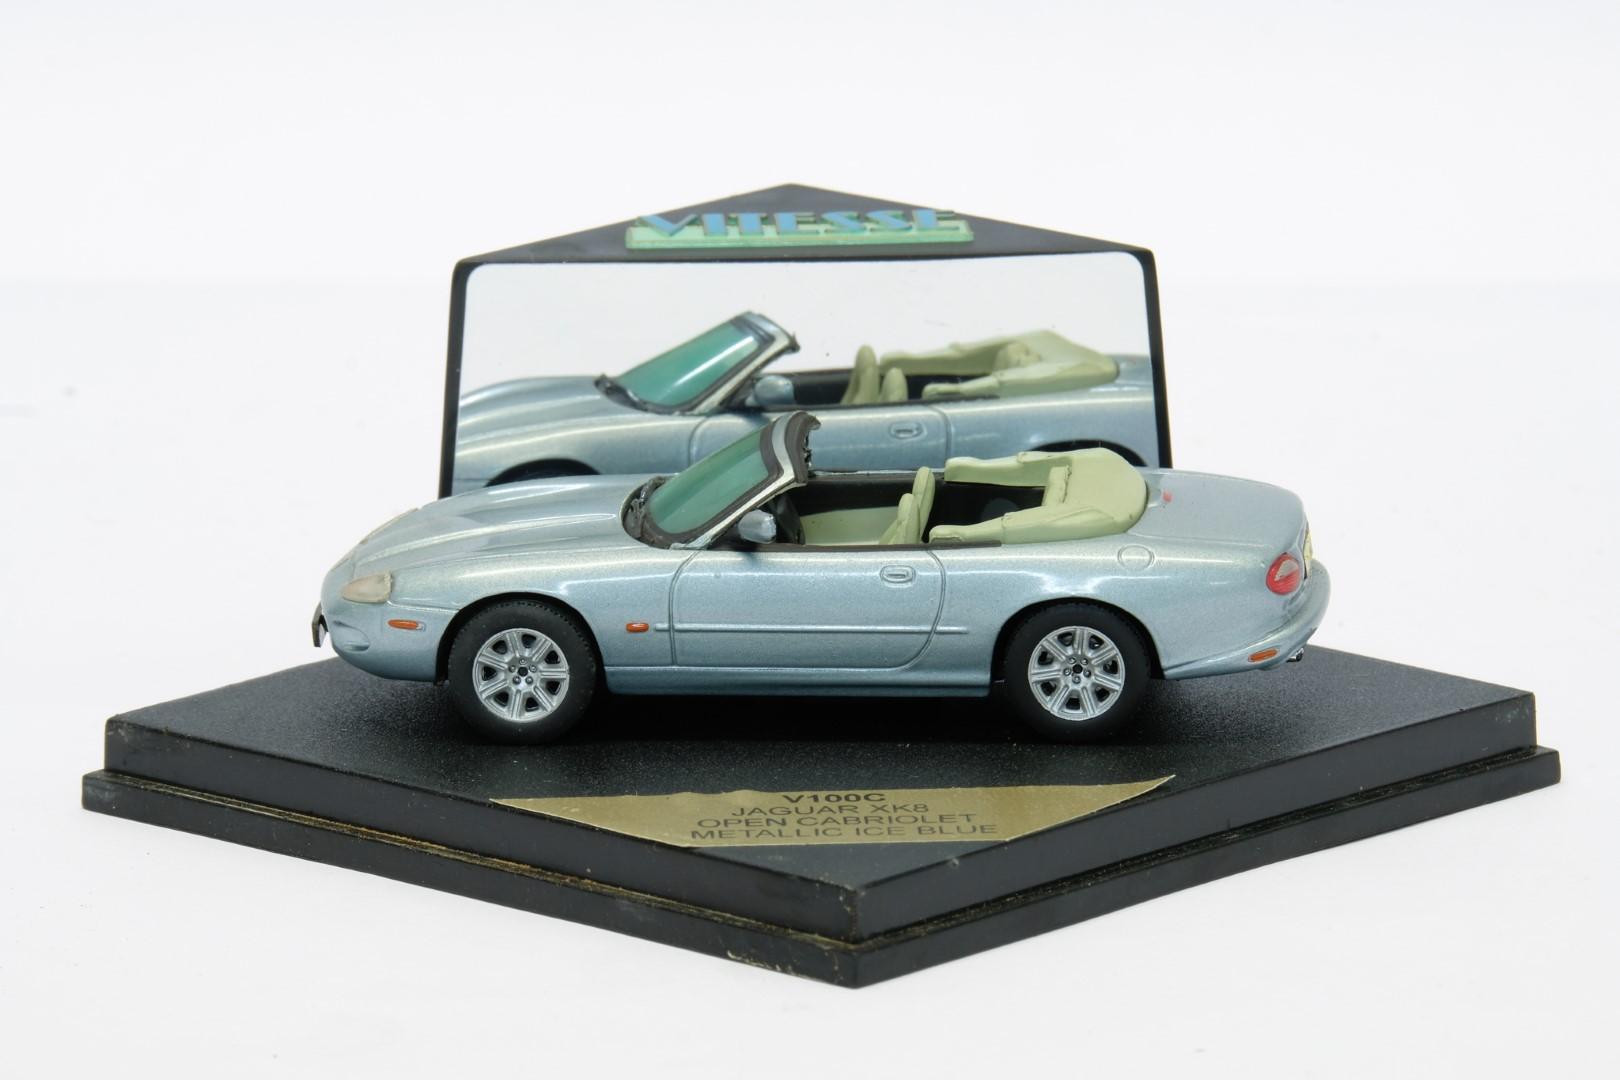 Vitesse 2 Jaguar Models - Image 4 of 4